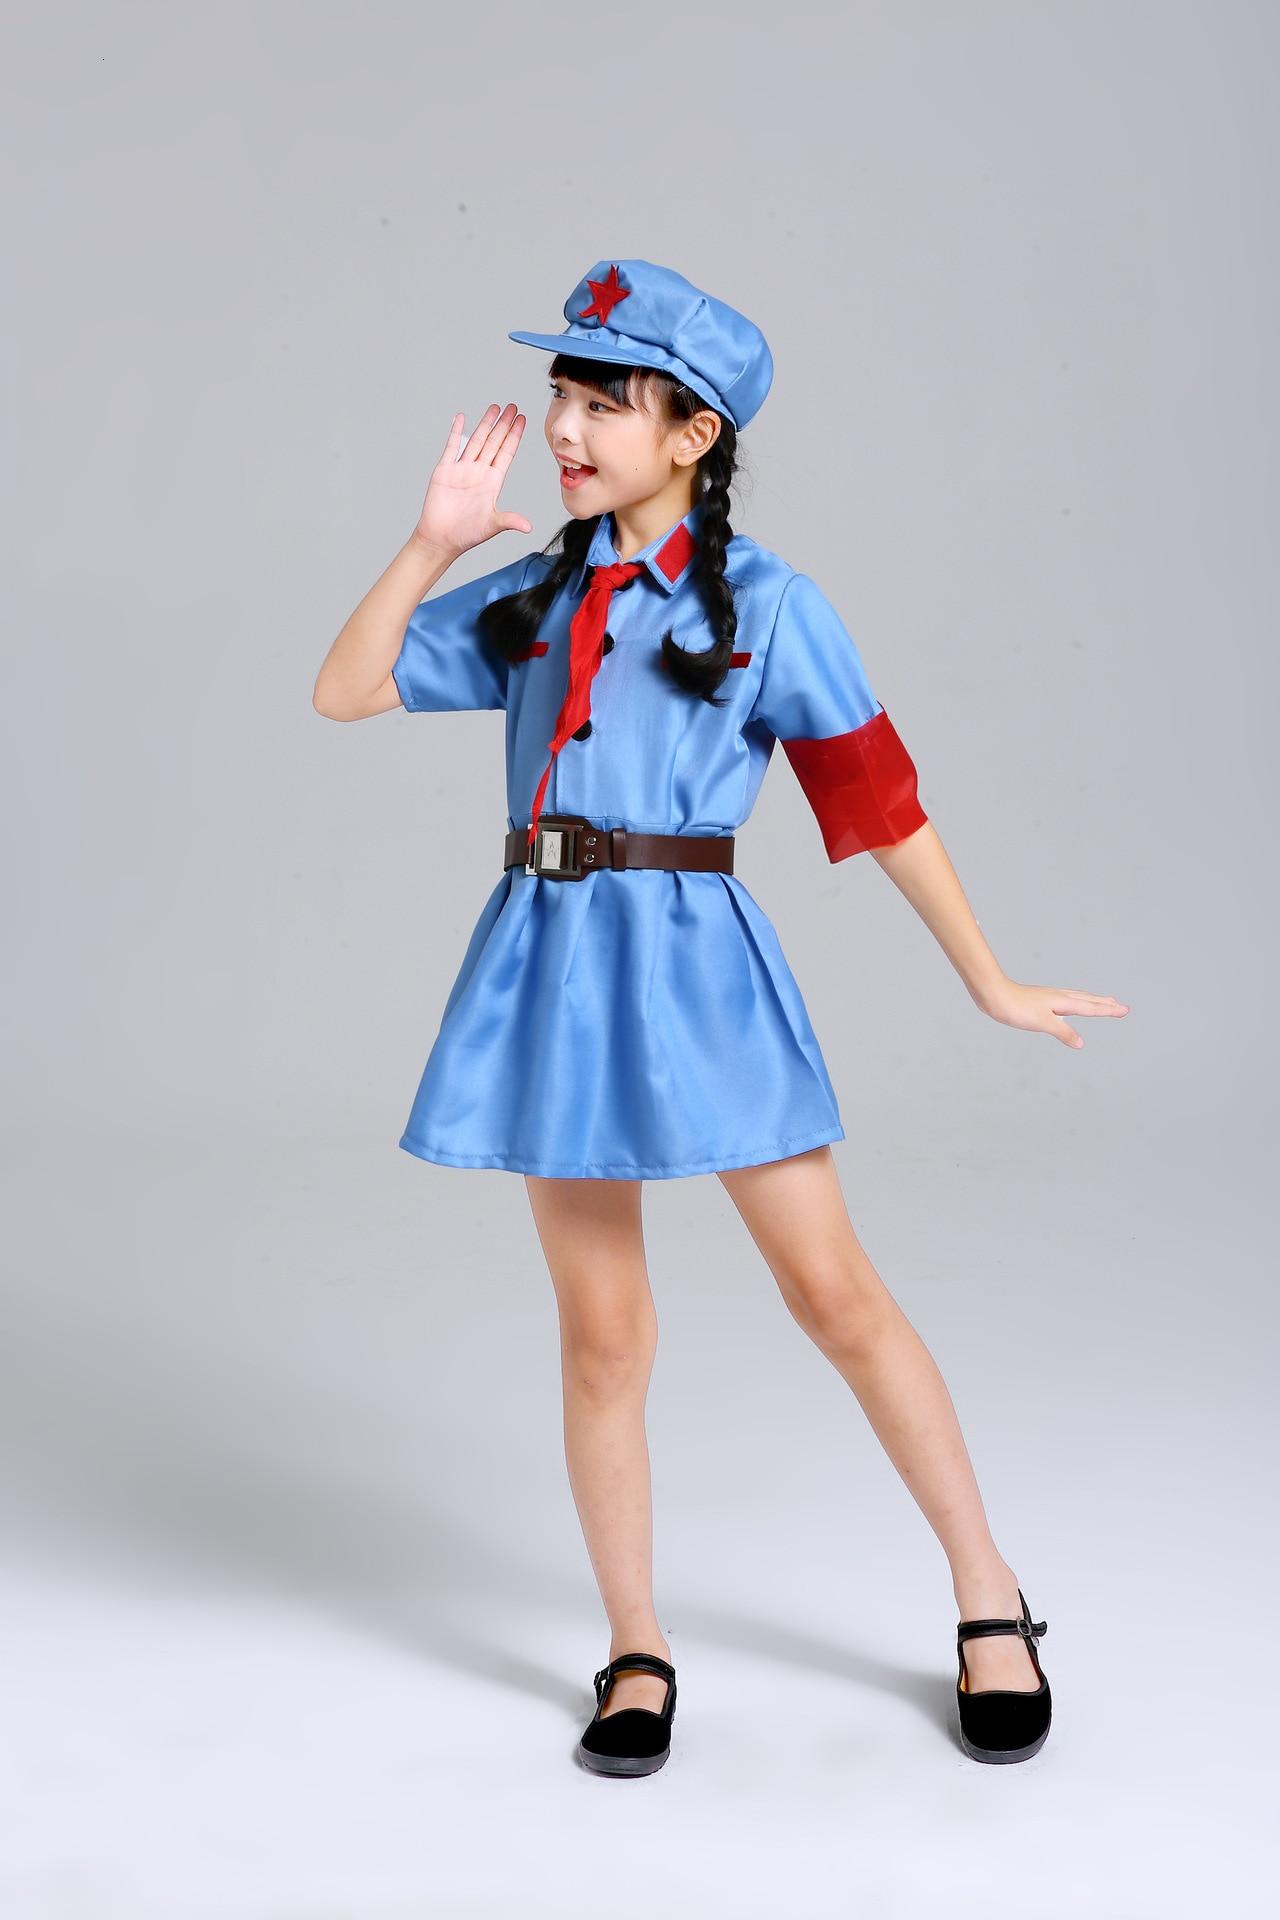 Детские тактические военные куртки, штаны, военная форма для девочек и мальчиков, охотничьи армейские танцевальные костюмы для женщин, Tatico, детская одежда для косплея, комплект - Цвет: 8